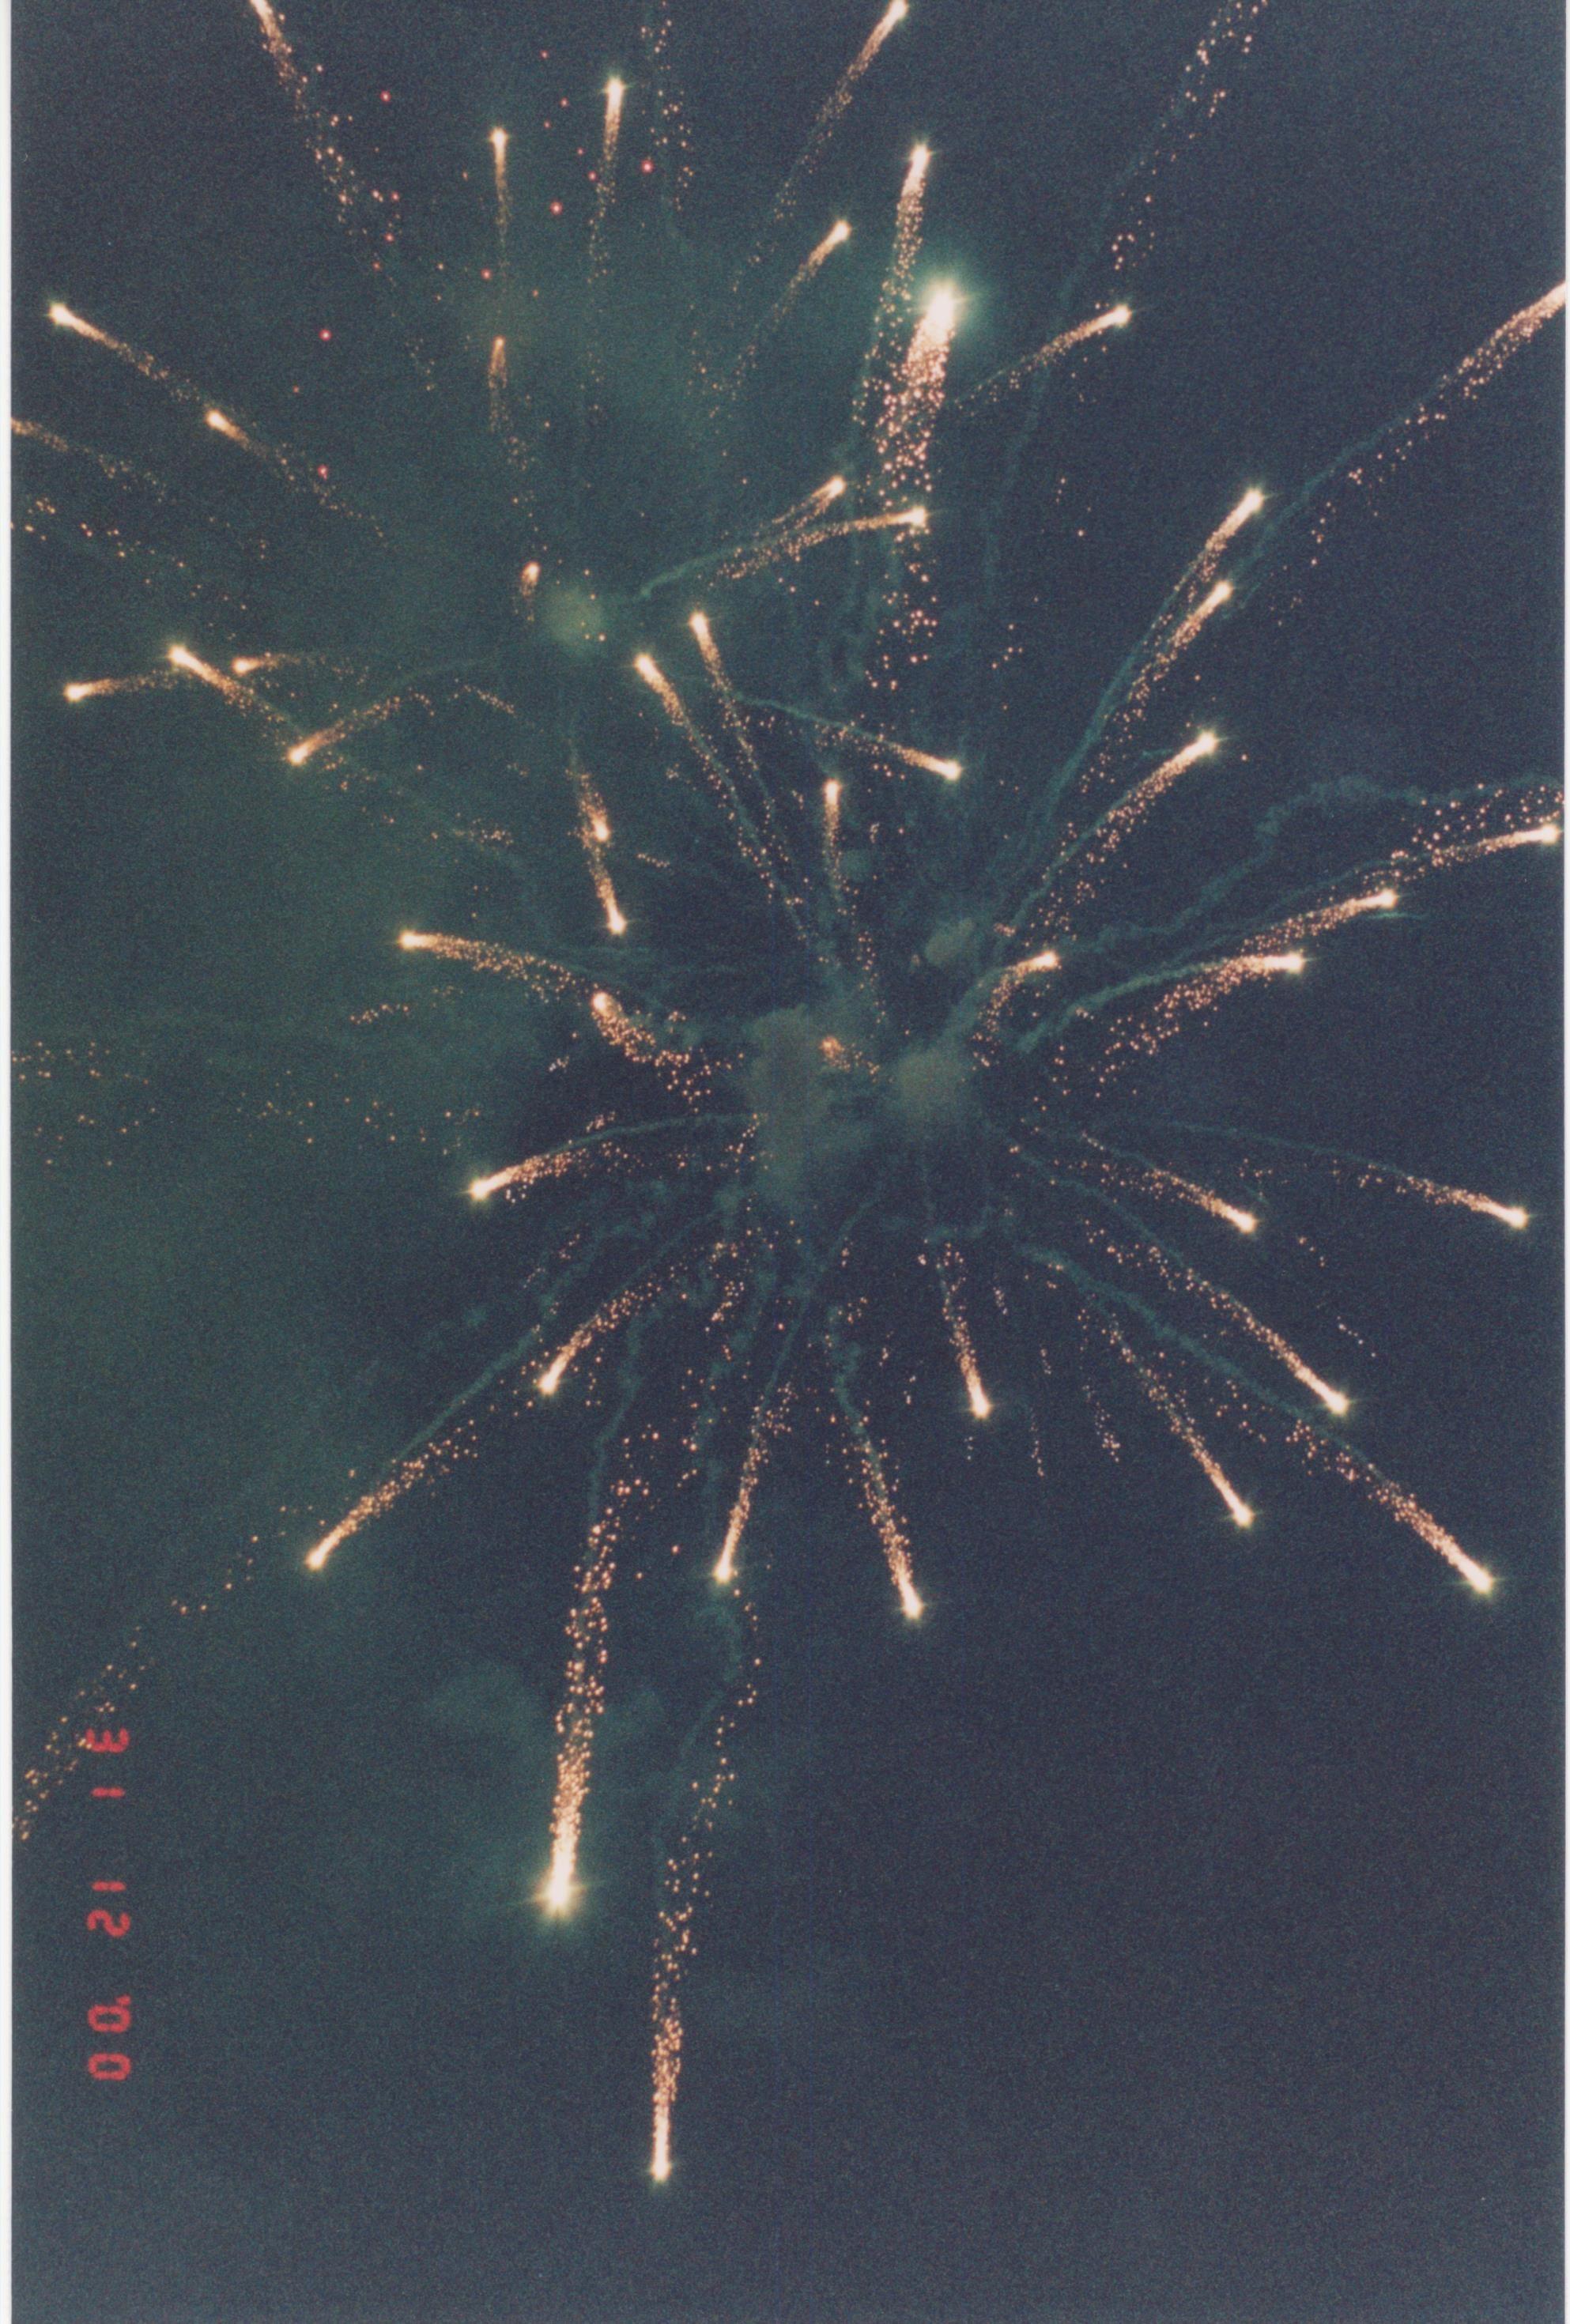 Thailand-Thai-bangkok- 31.12.2000